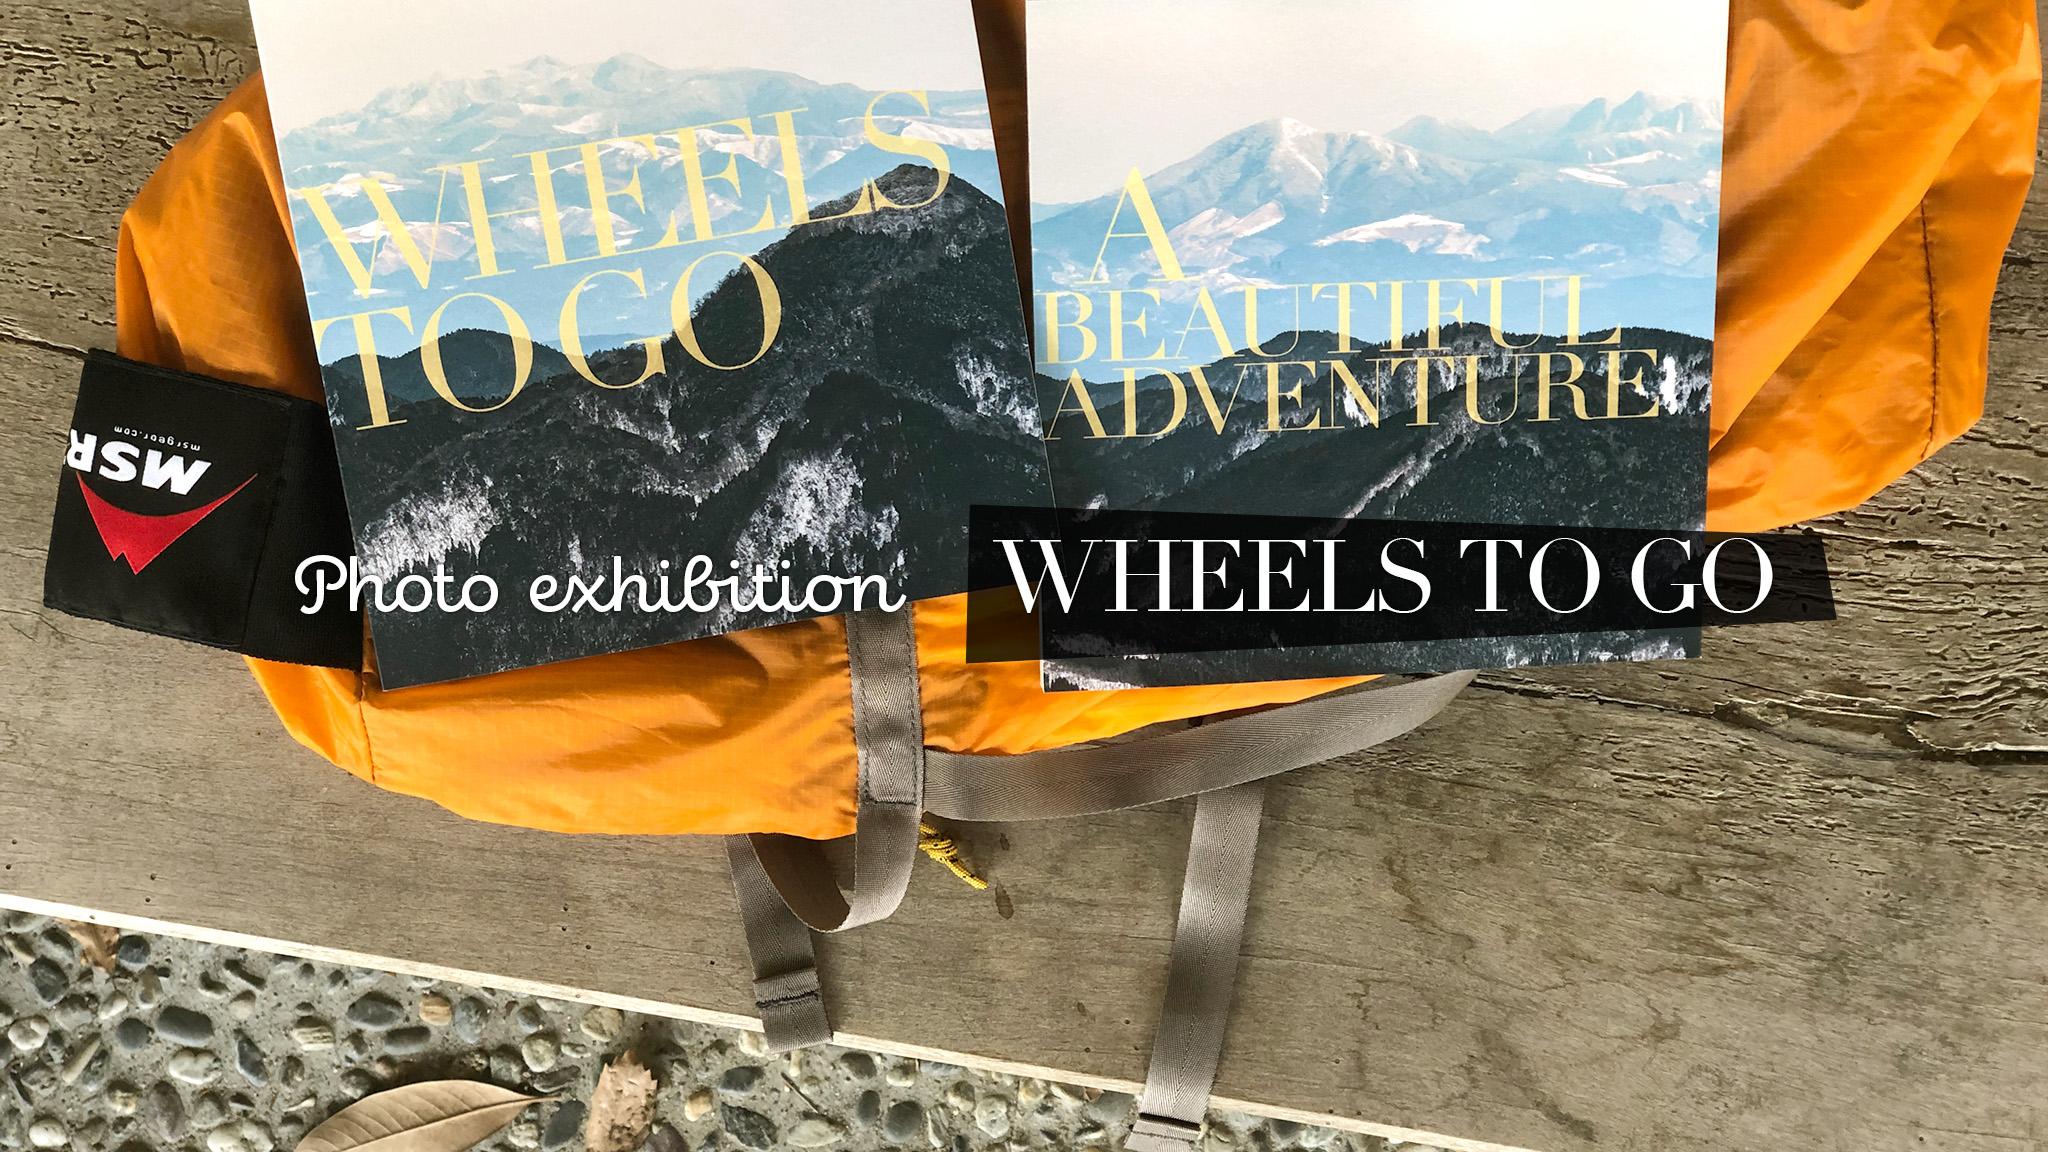 写真展『WHEELS TO GO』開催のお知らせ